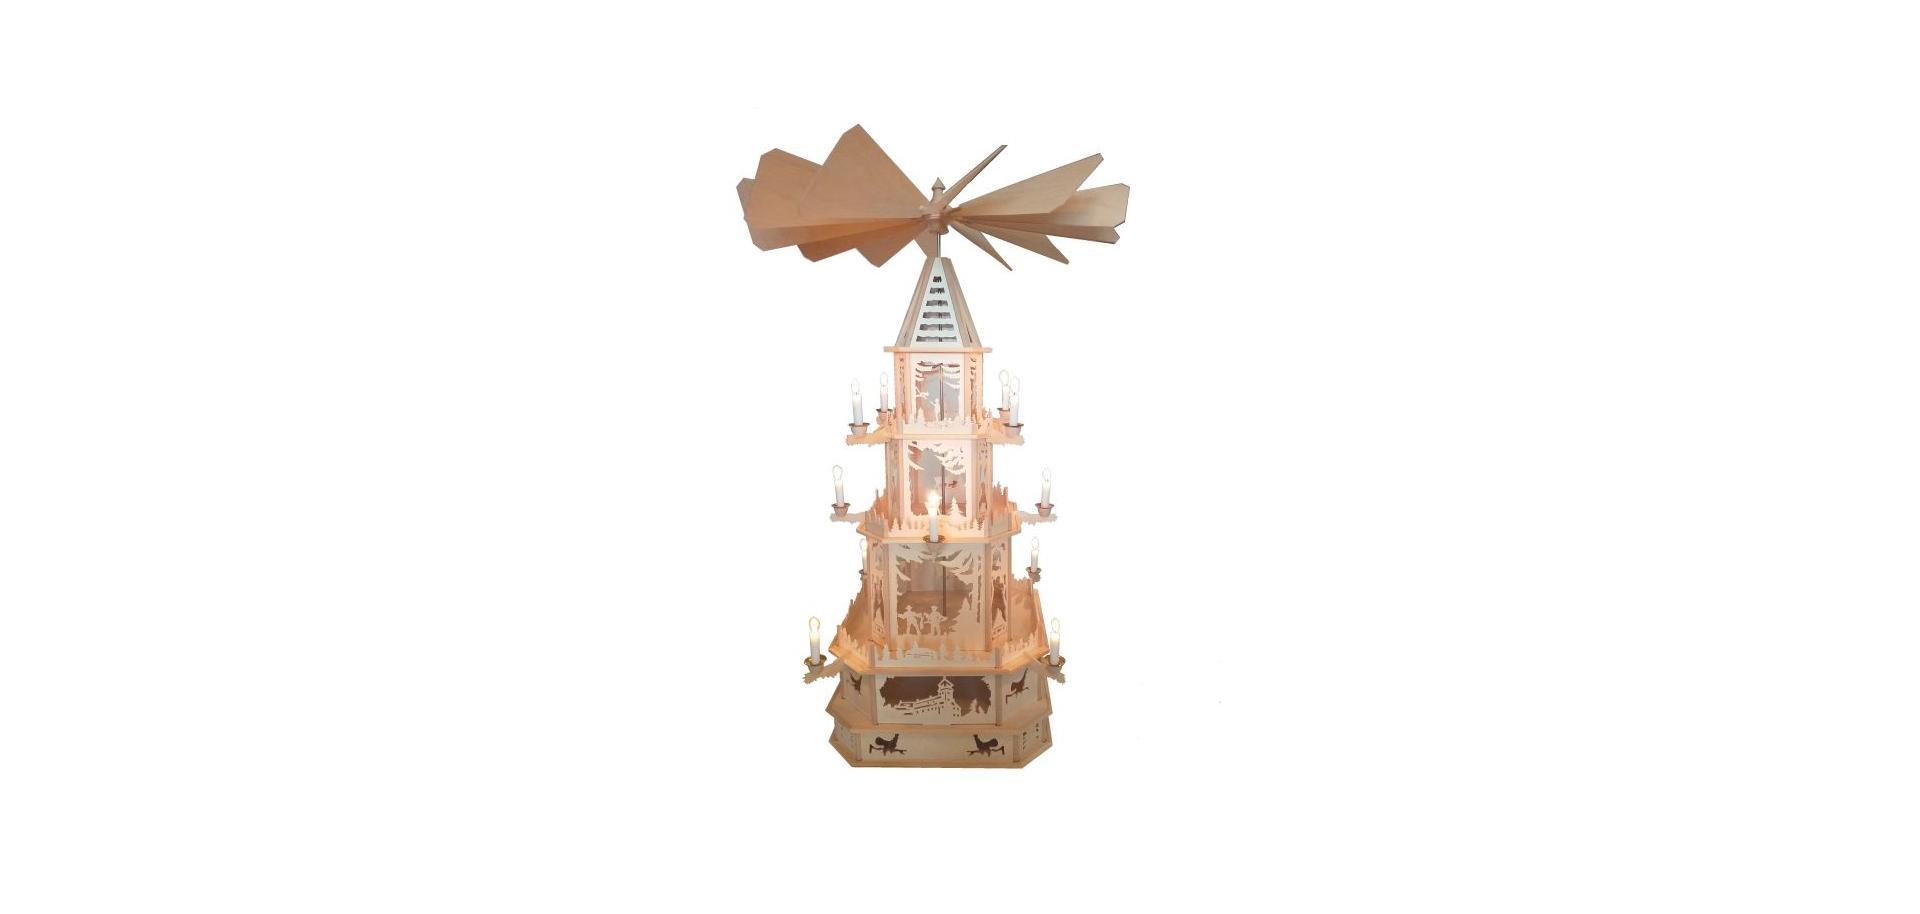 Weihnachten, Pyramide, Erzgebirge, Holzkunstatelier